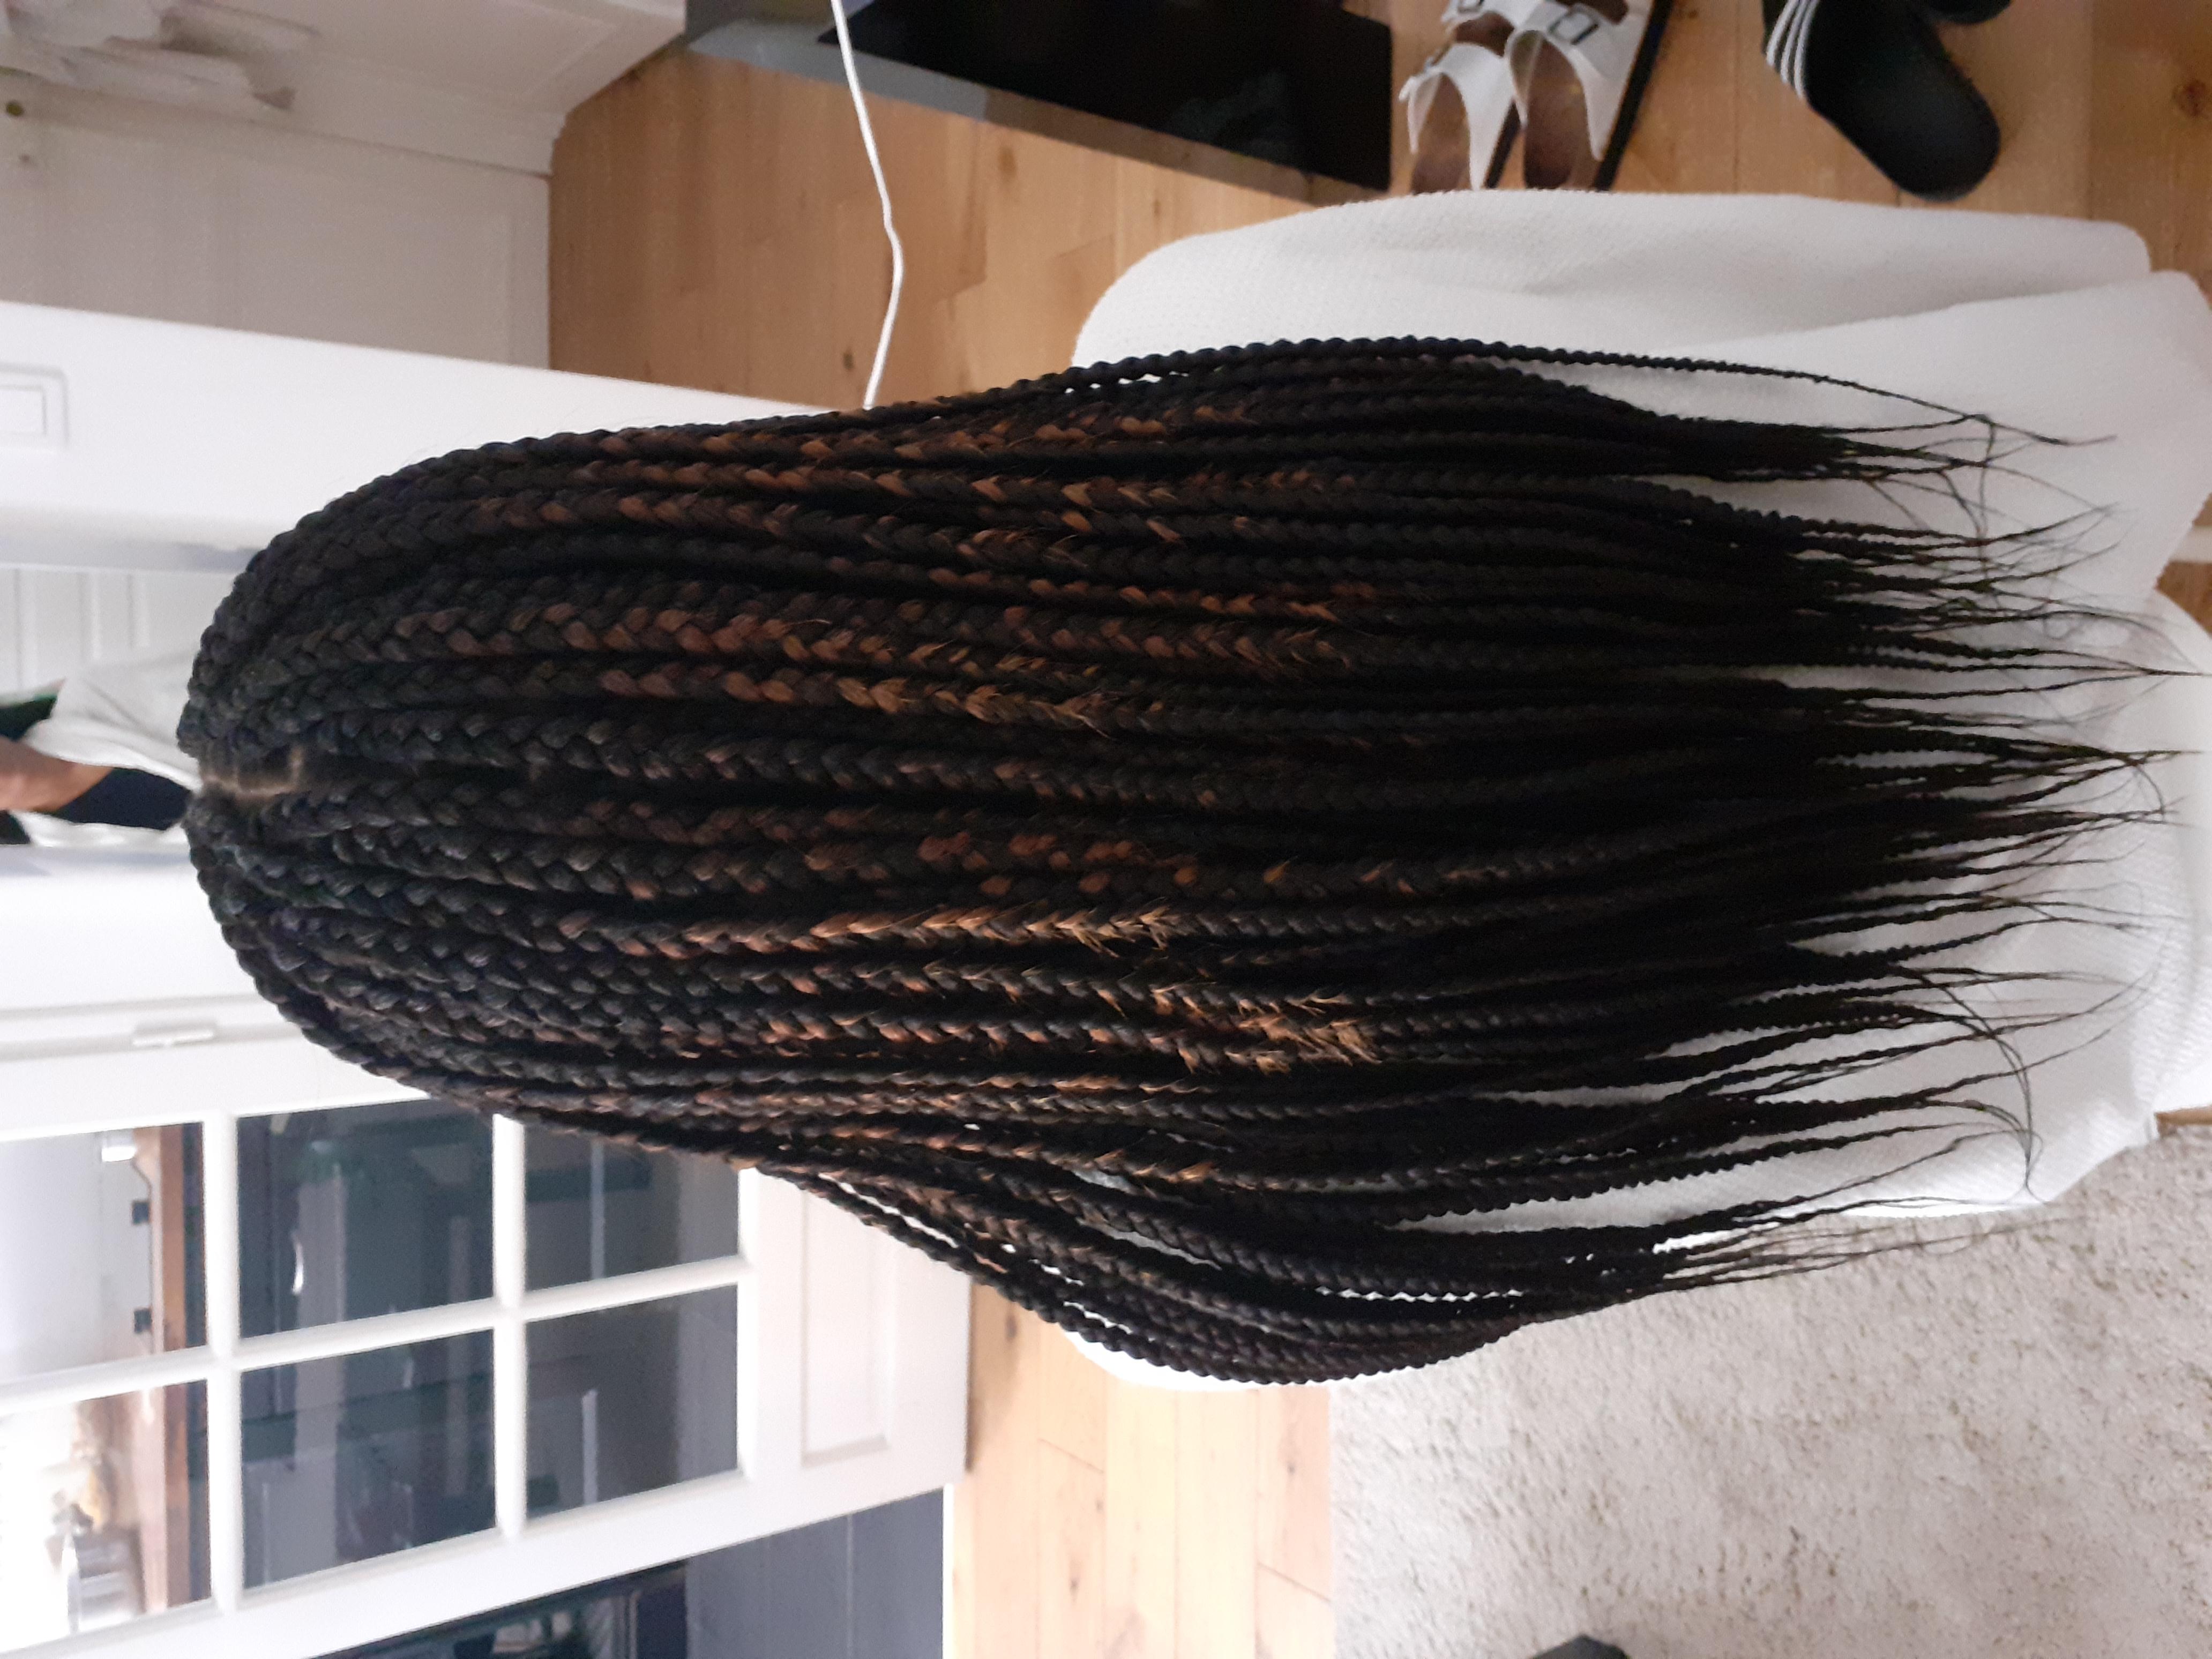 salon de coiffure afro tresse tresses box braids crochet braids vanilles tissages paris 75 77 78 91 92 93 94 95 YOLOGYPG